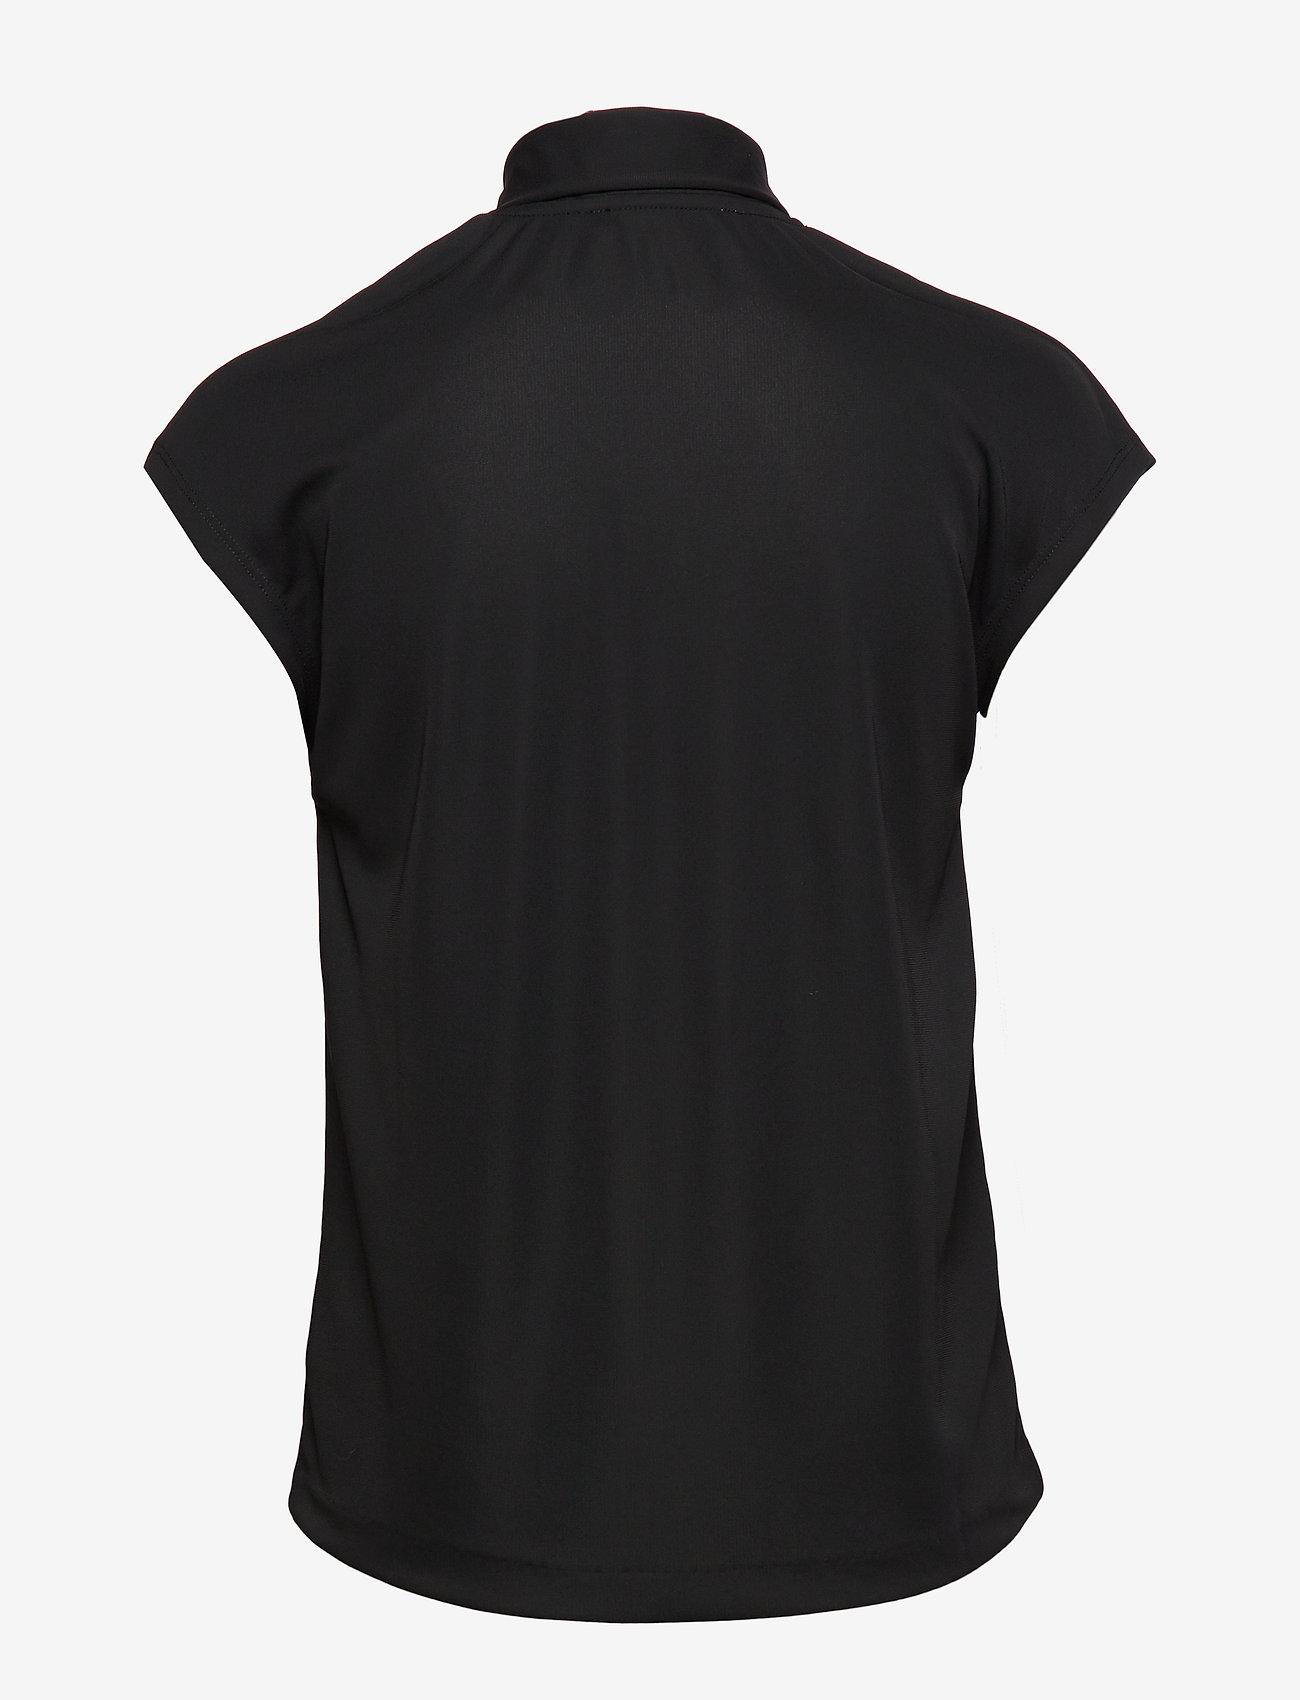 Whyred VITA JERSEY - Bluzki & Koszule BLACK - Kobiety Odzież.